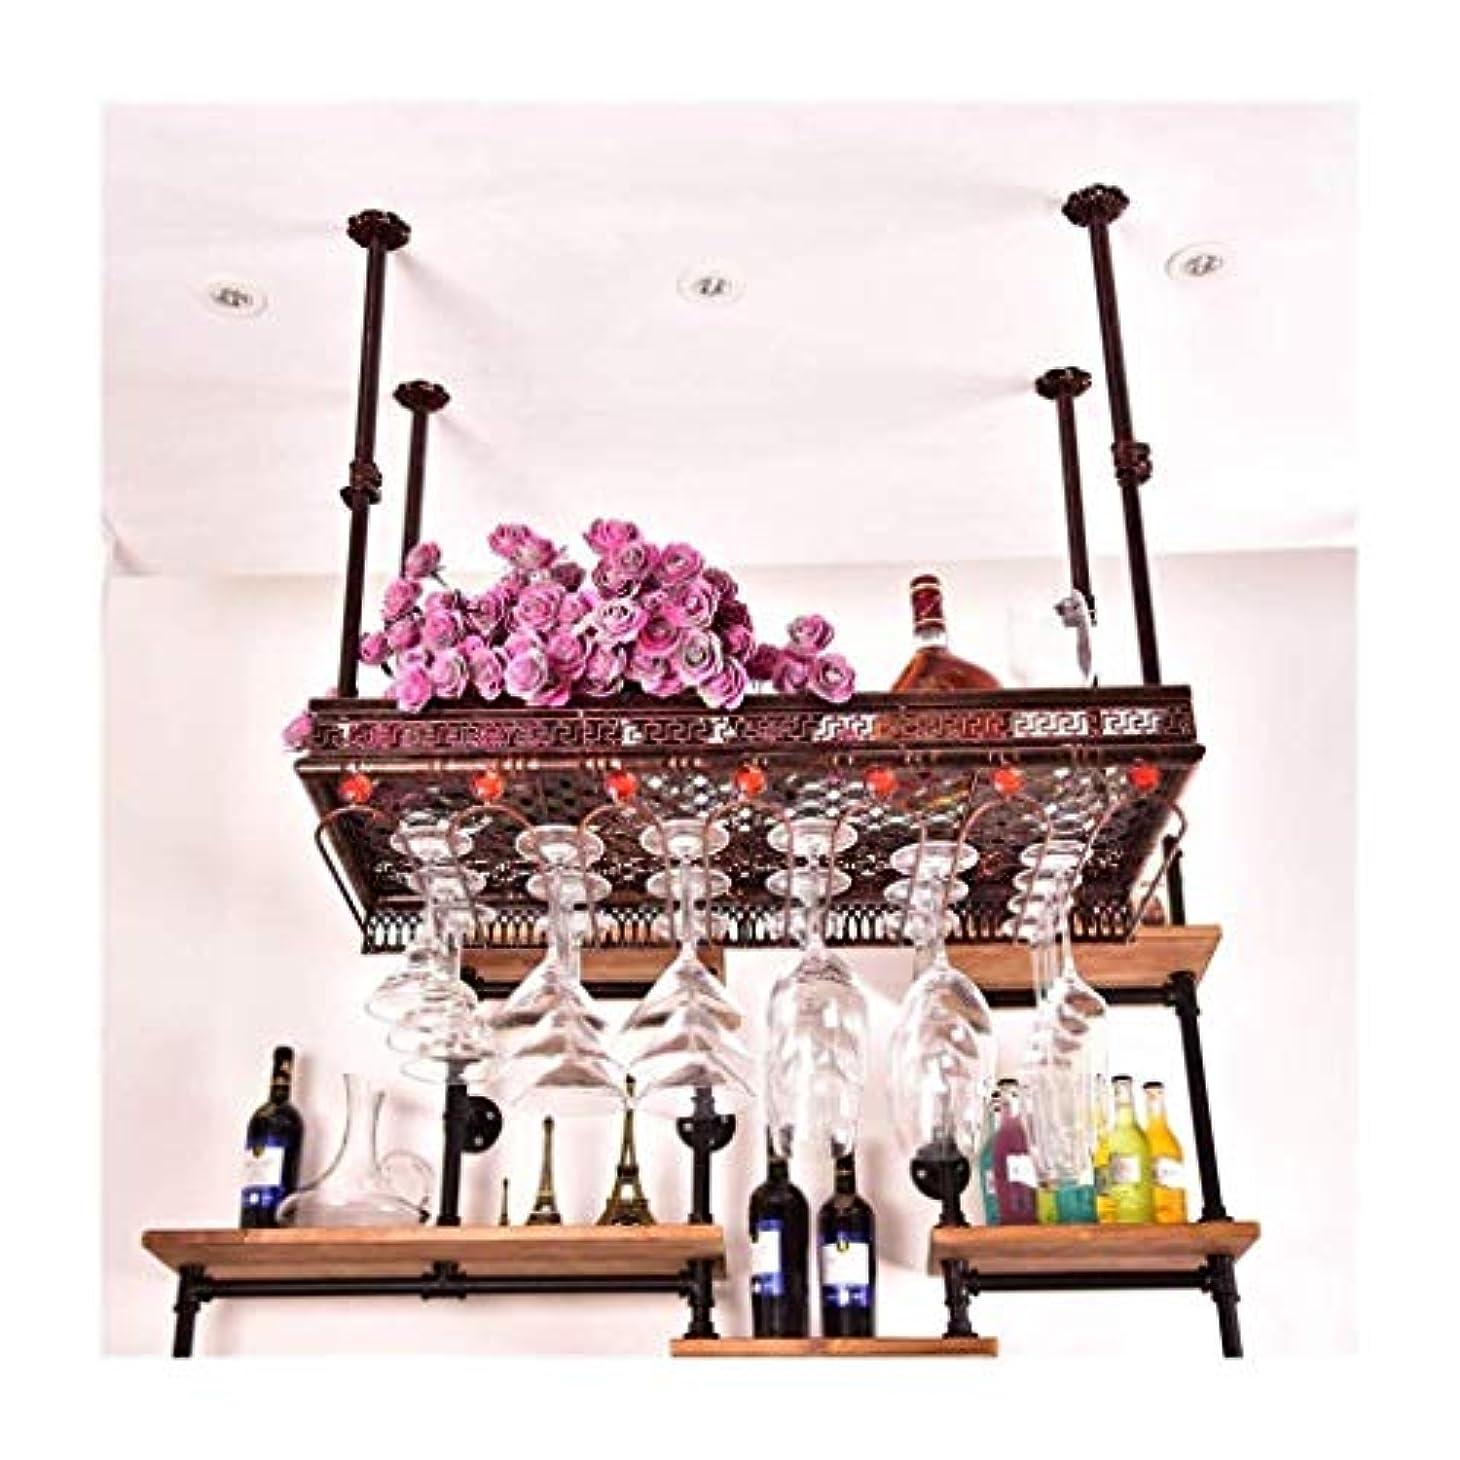 追い越すベルパートナーラインストーン付きワインボトルホルダー、KTVクリエイティブ天井カップ/ワイングラス/ゴブレットホルダースタンドラックメタルスチール収納棚(カラー:ブロンズ、サイズ:L60 * W35cm)